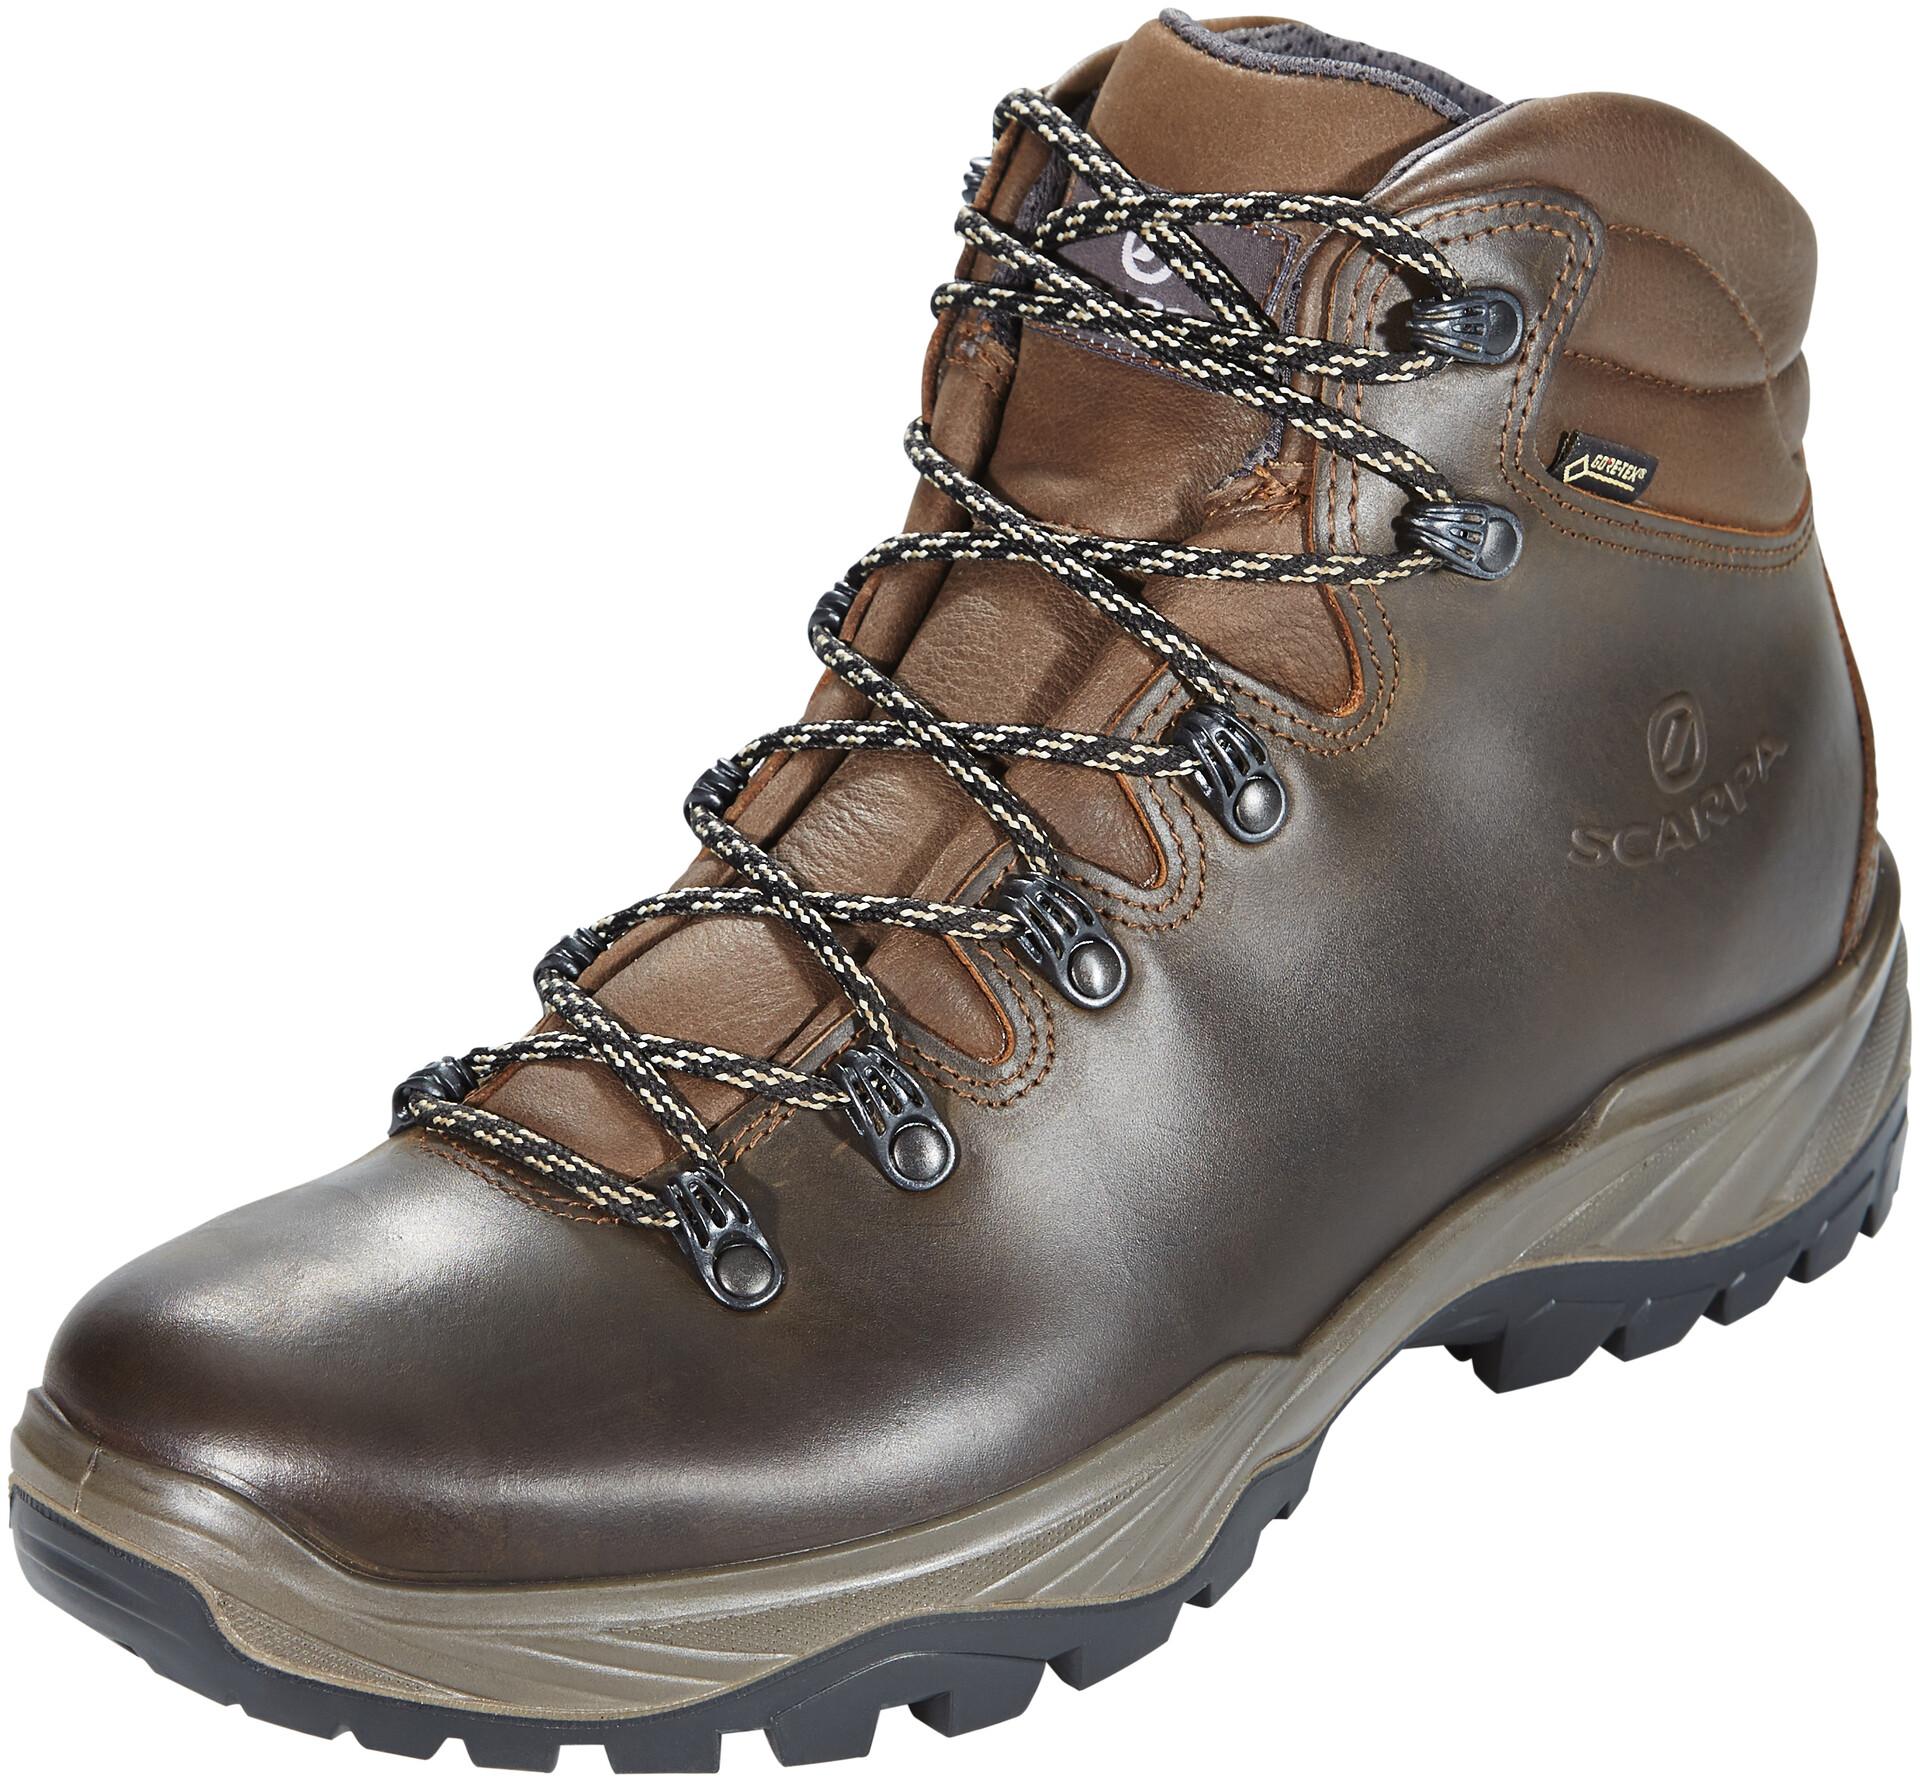 Scarpa Terra GTX Chaussures trekking homme